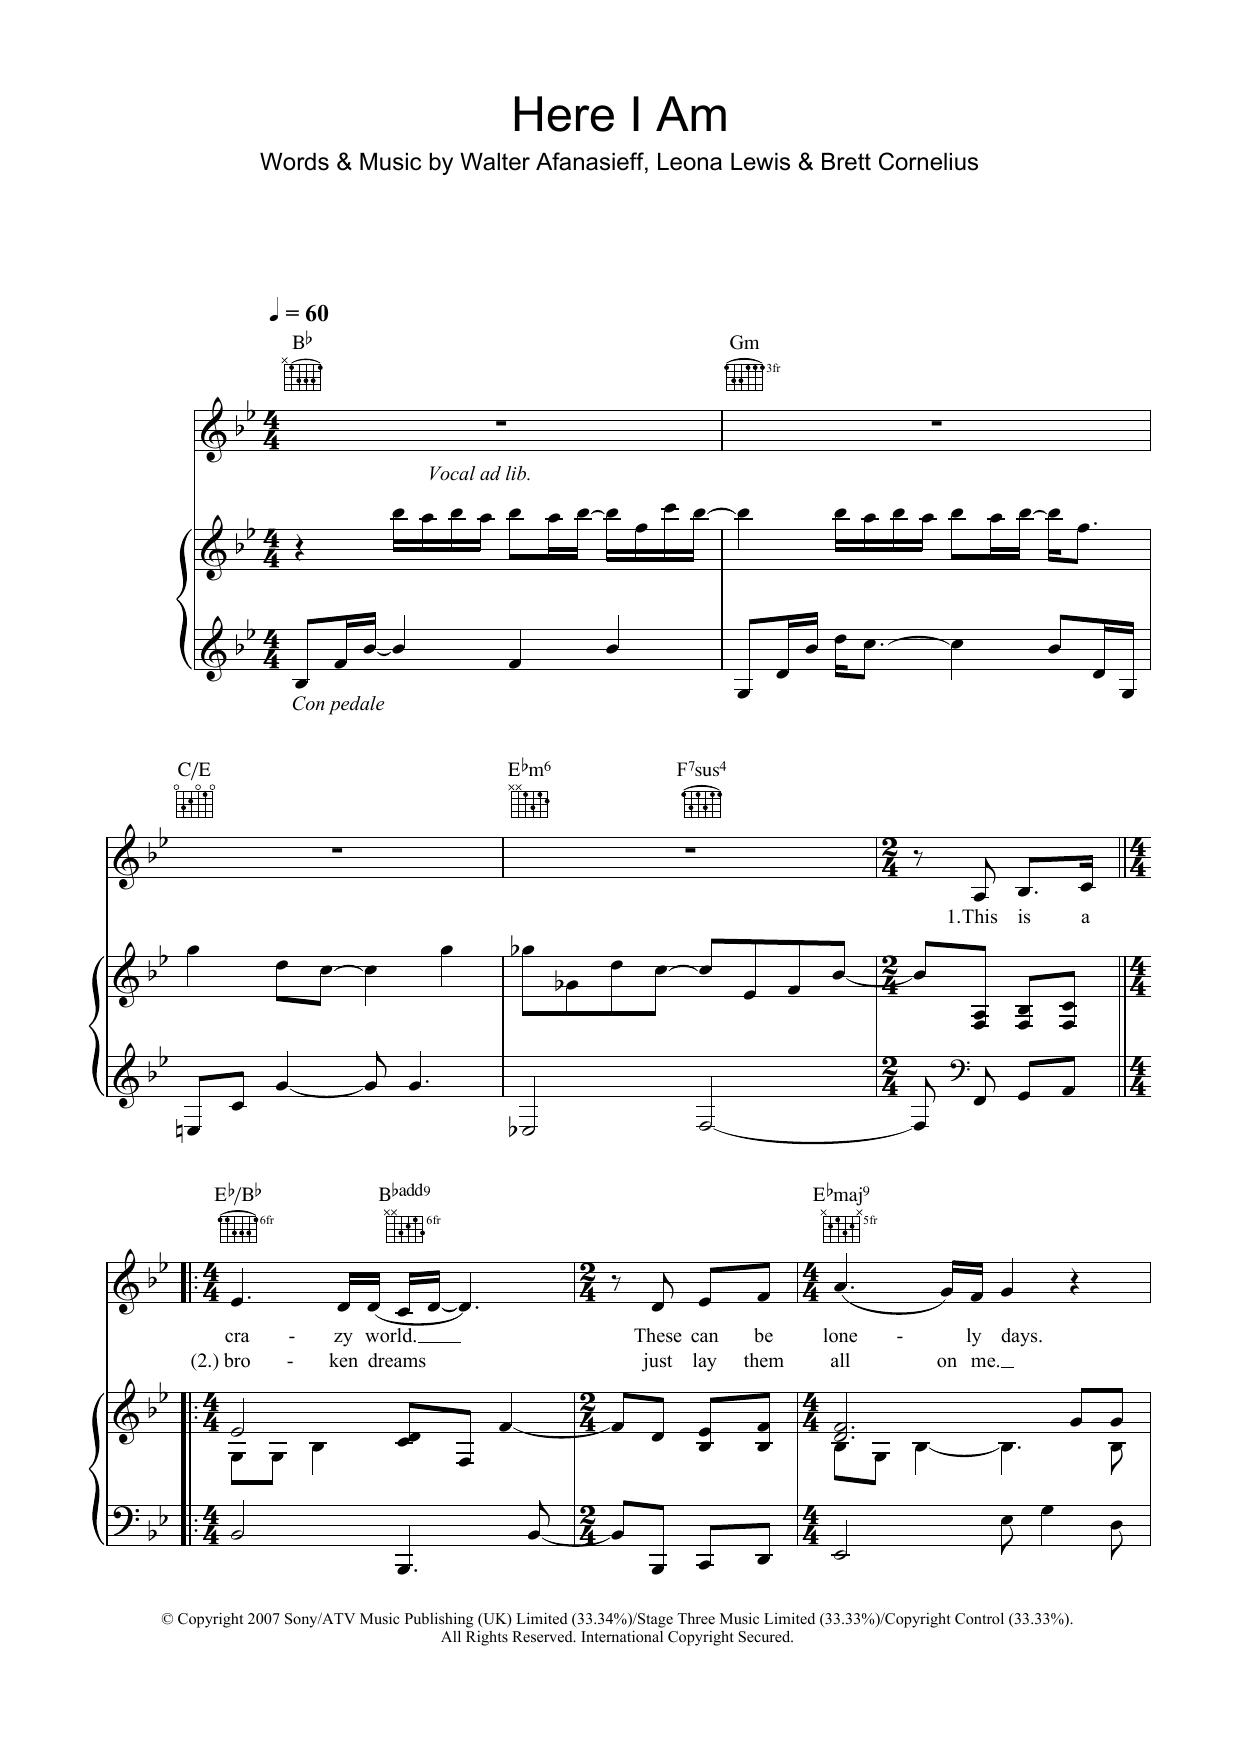 Here I Am (Piano, Vocal & Guitar)